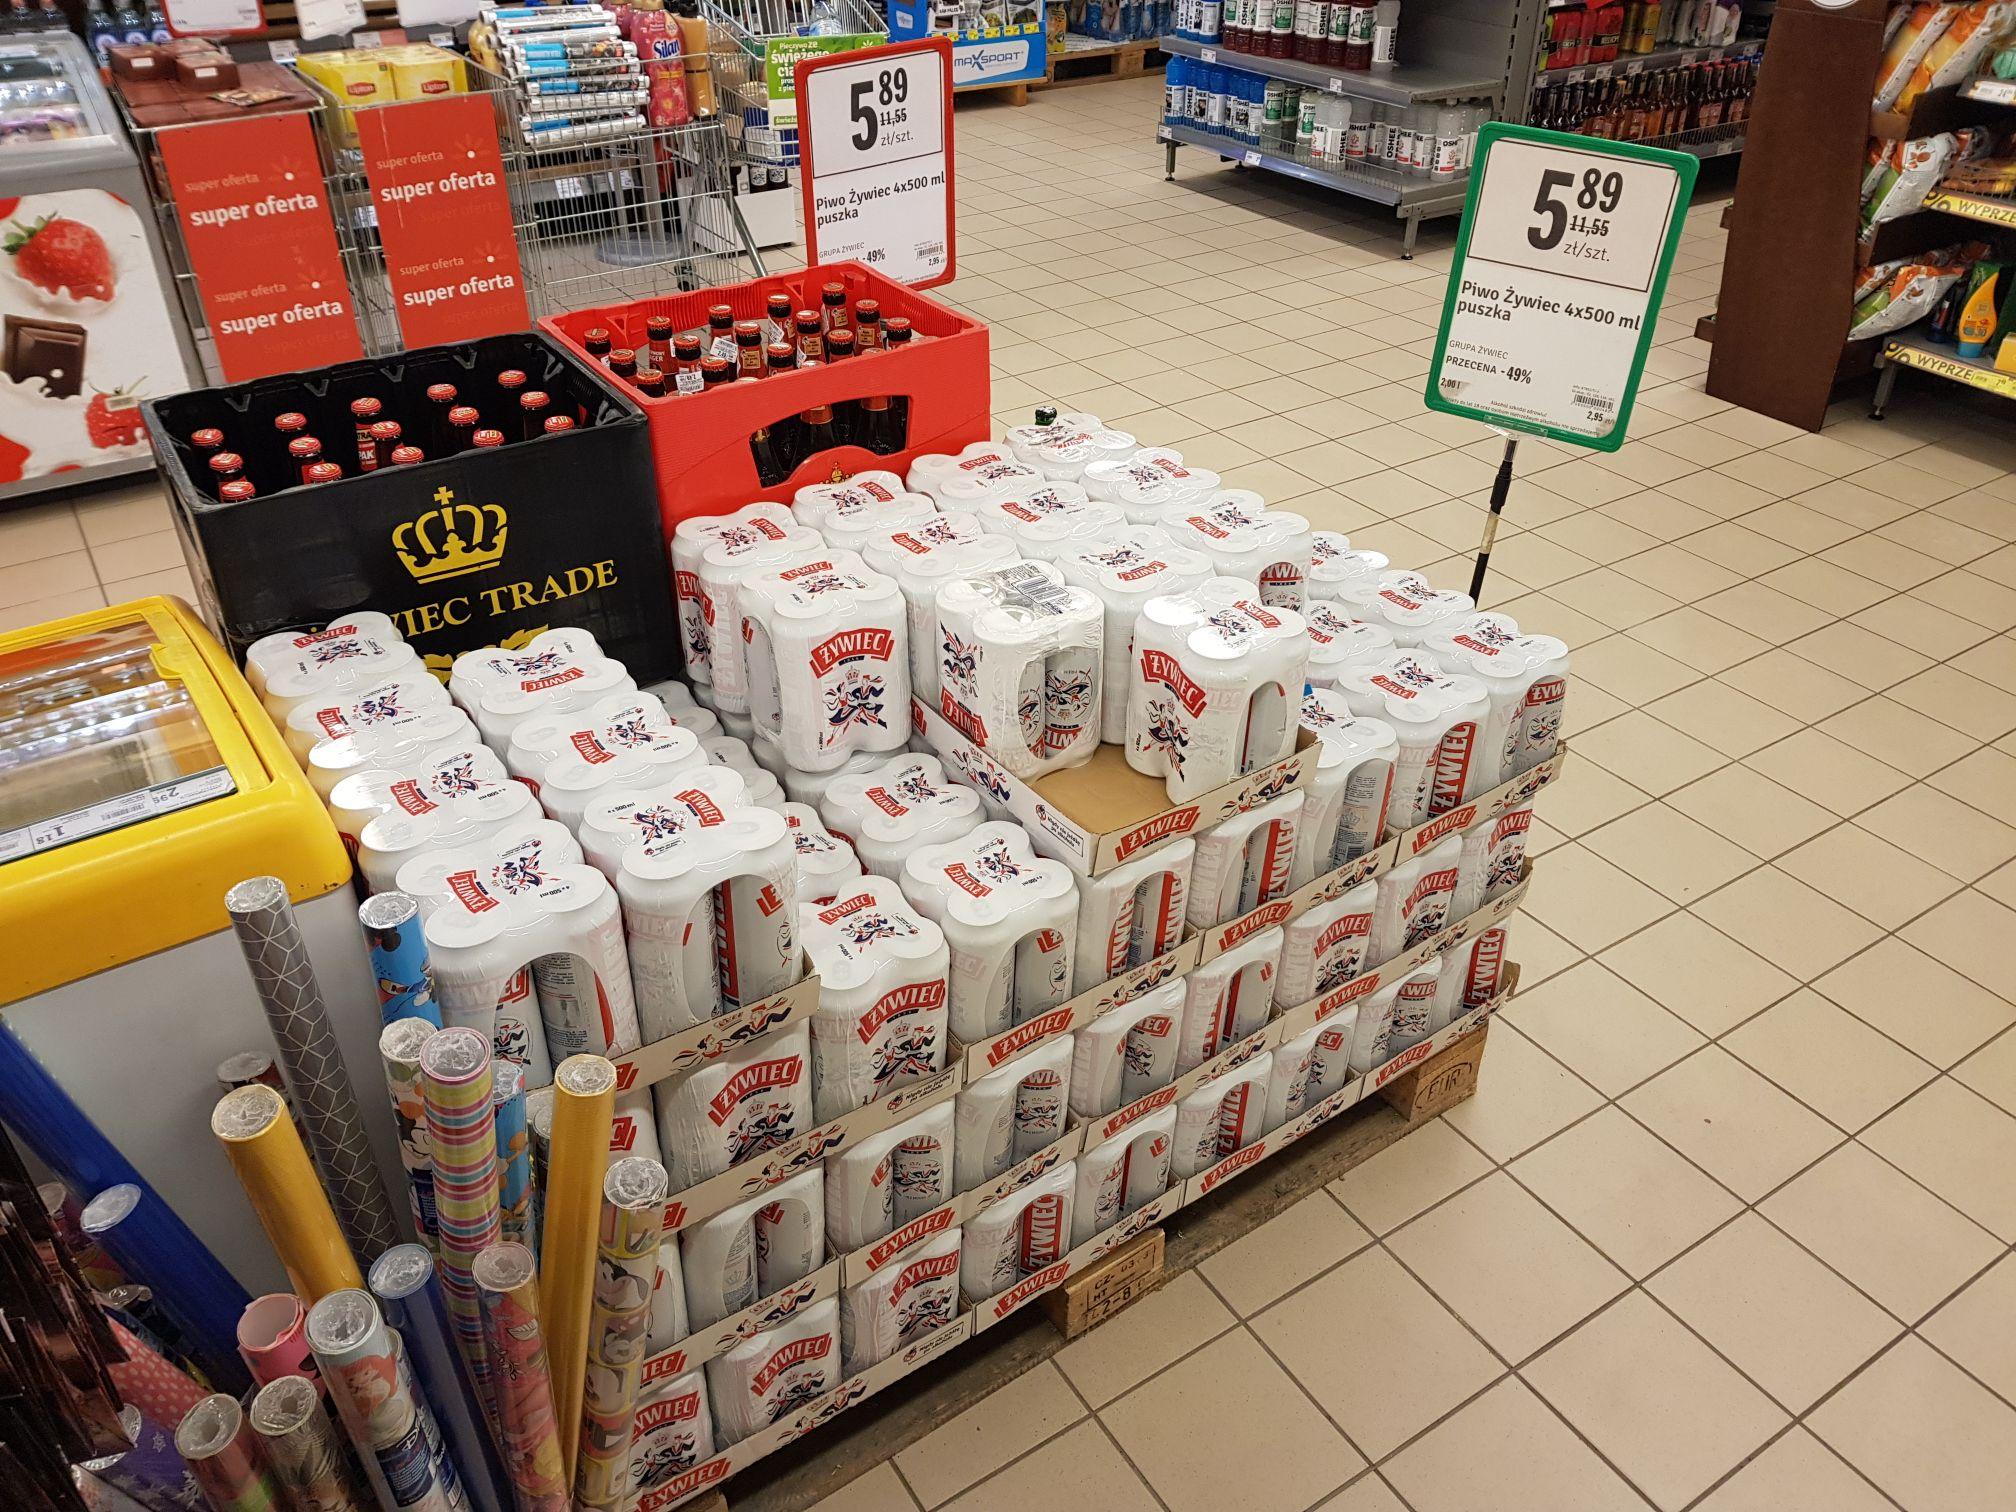 Żywiec 4xpak przecena stokrotka Borkowo osiedle cytrusowe  (Gdańsk) lokalnie ?